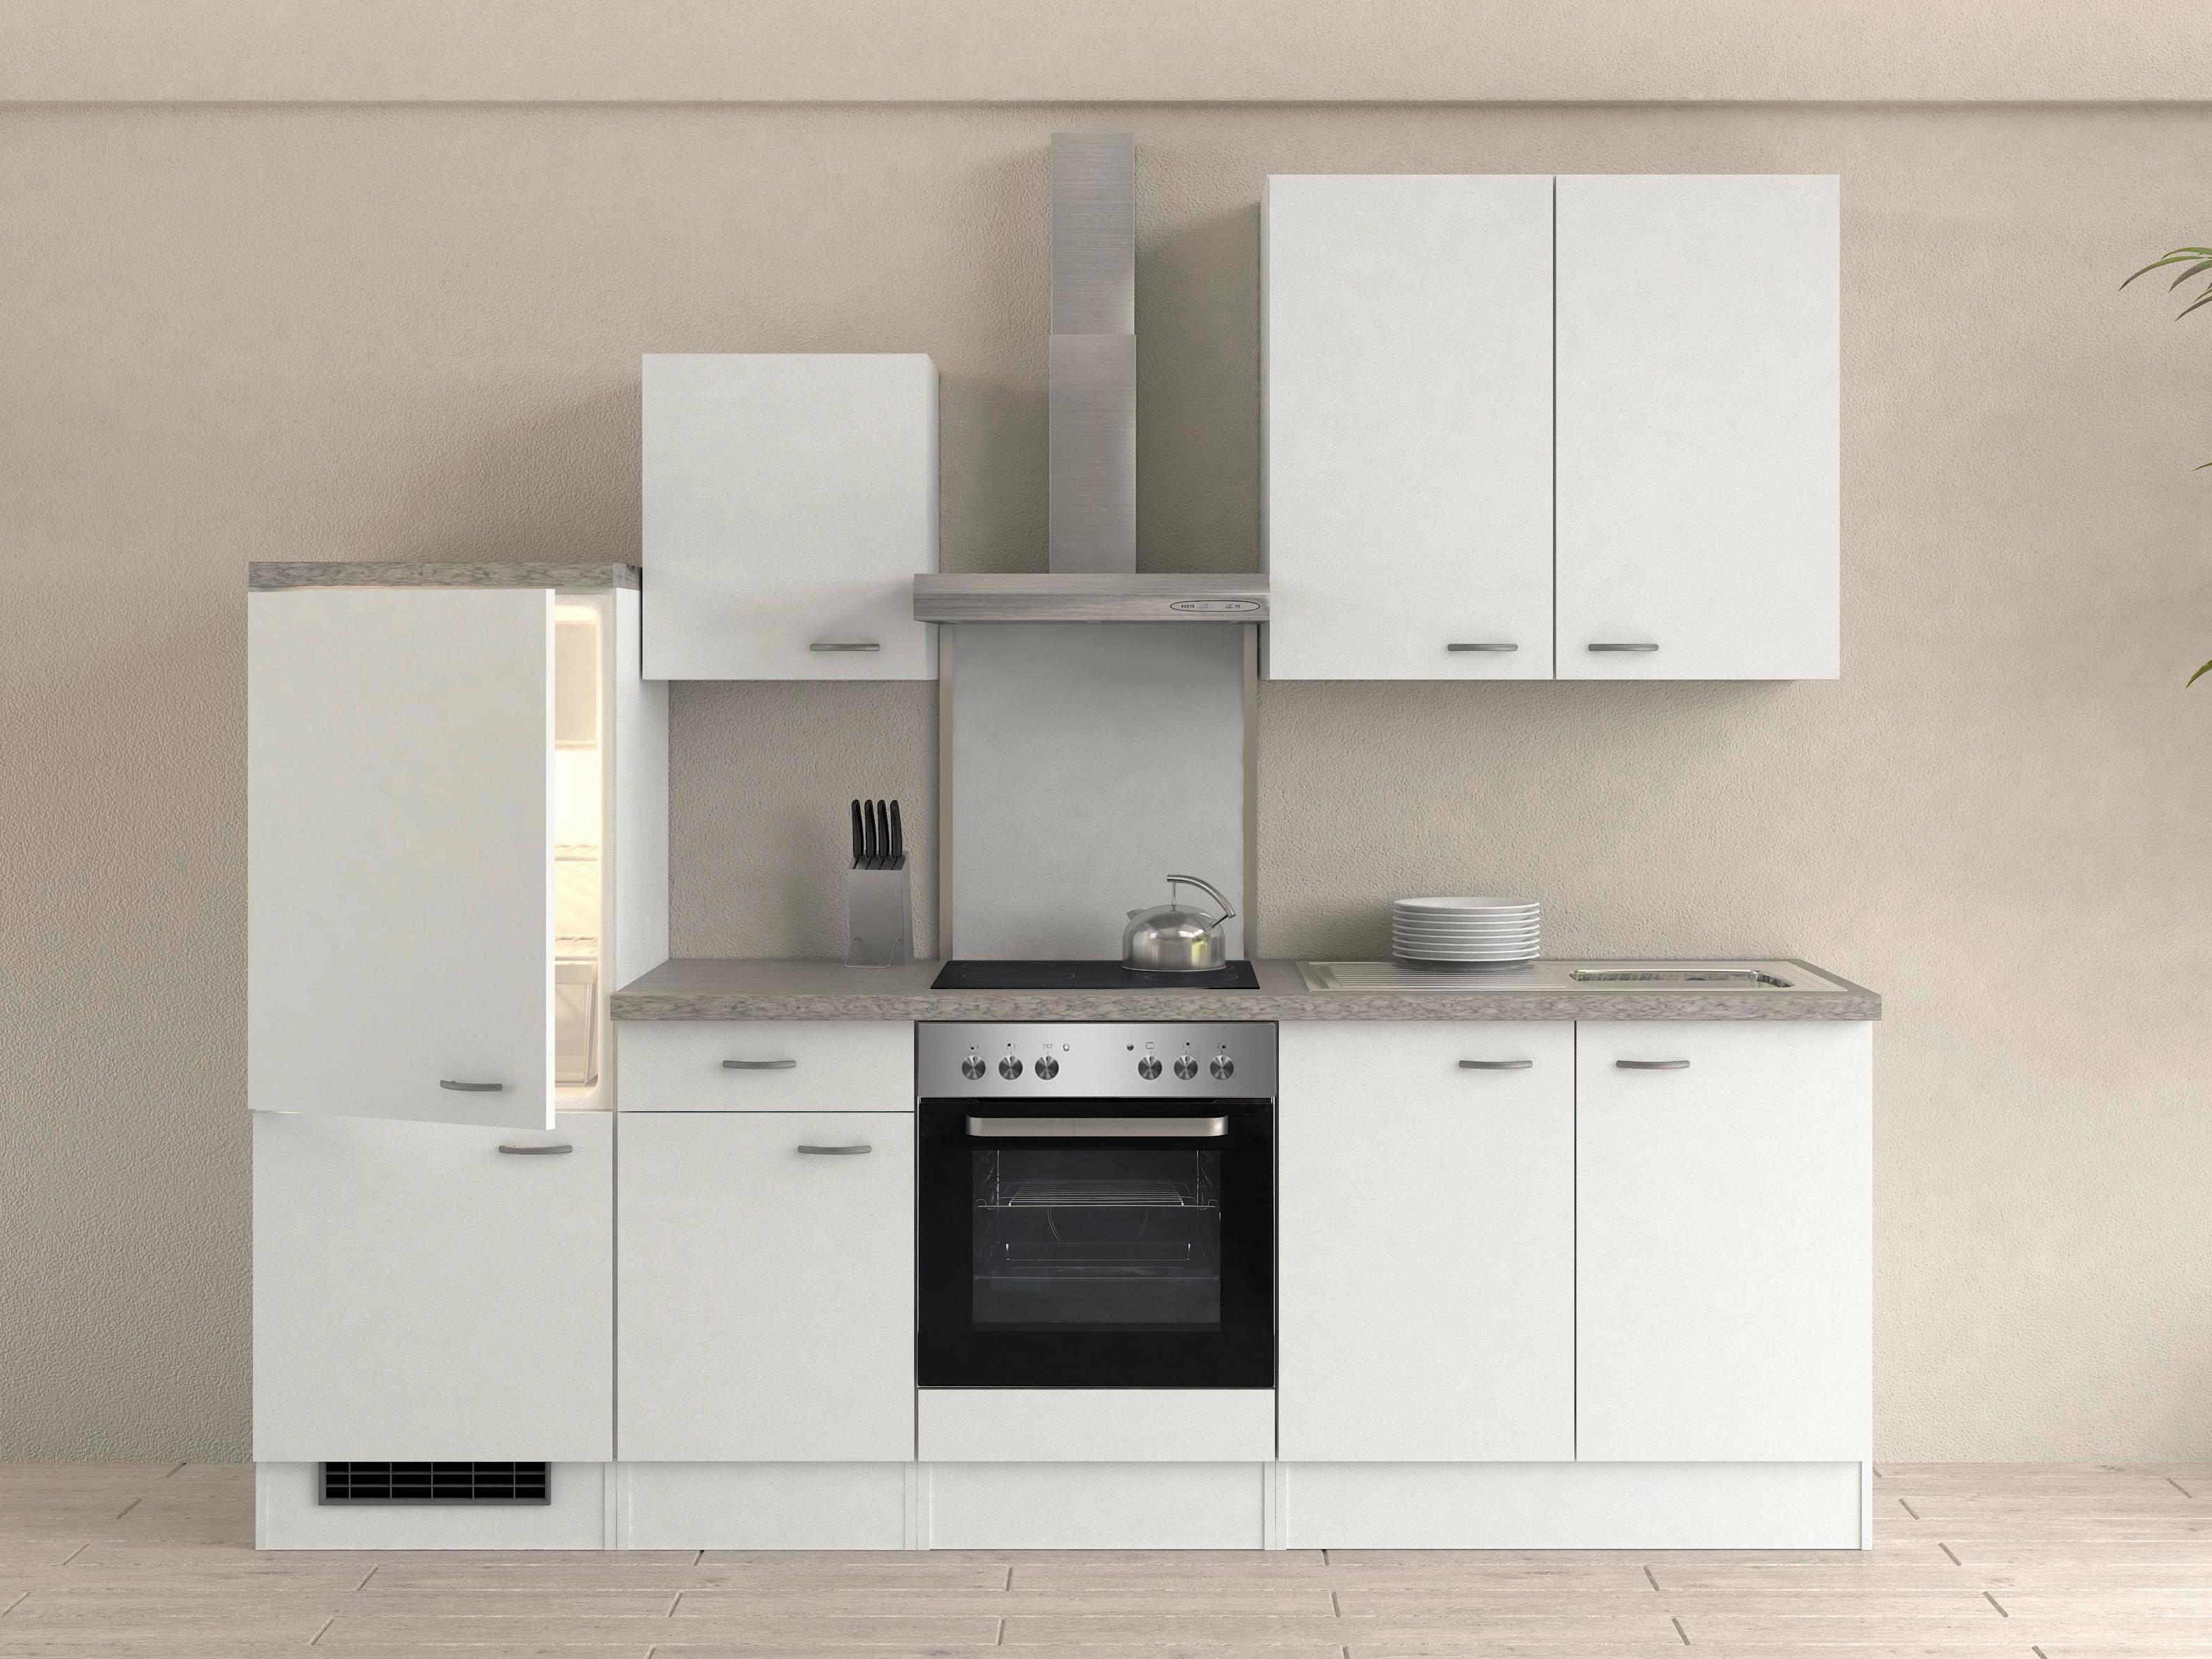 Bomann Kühlschrank Vs 2185 : Weiße küche edelstahl kühlschrank. spritzschutz küche mit eigenem